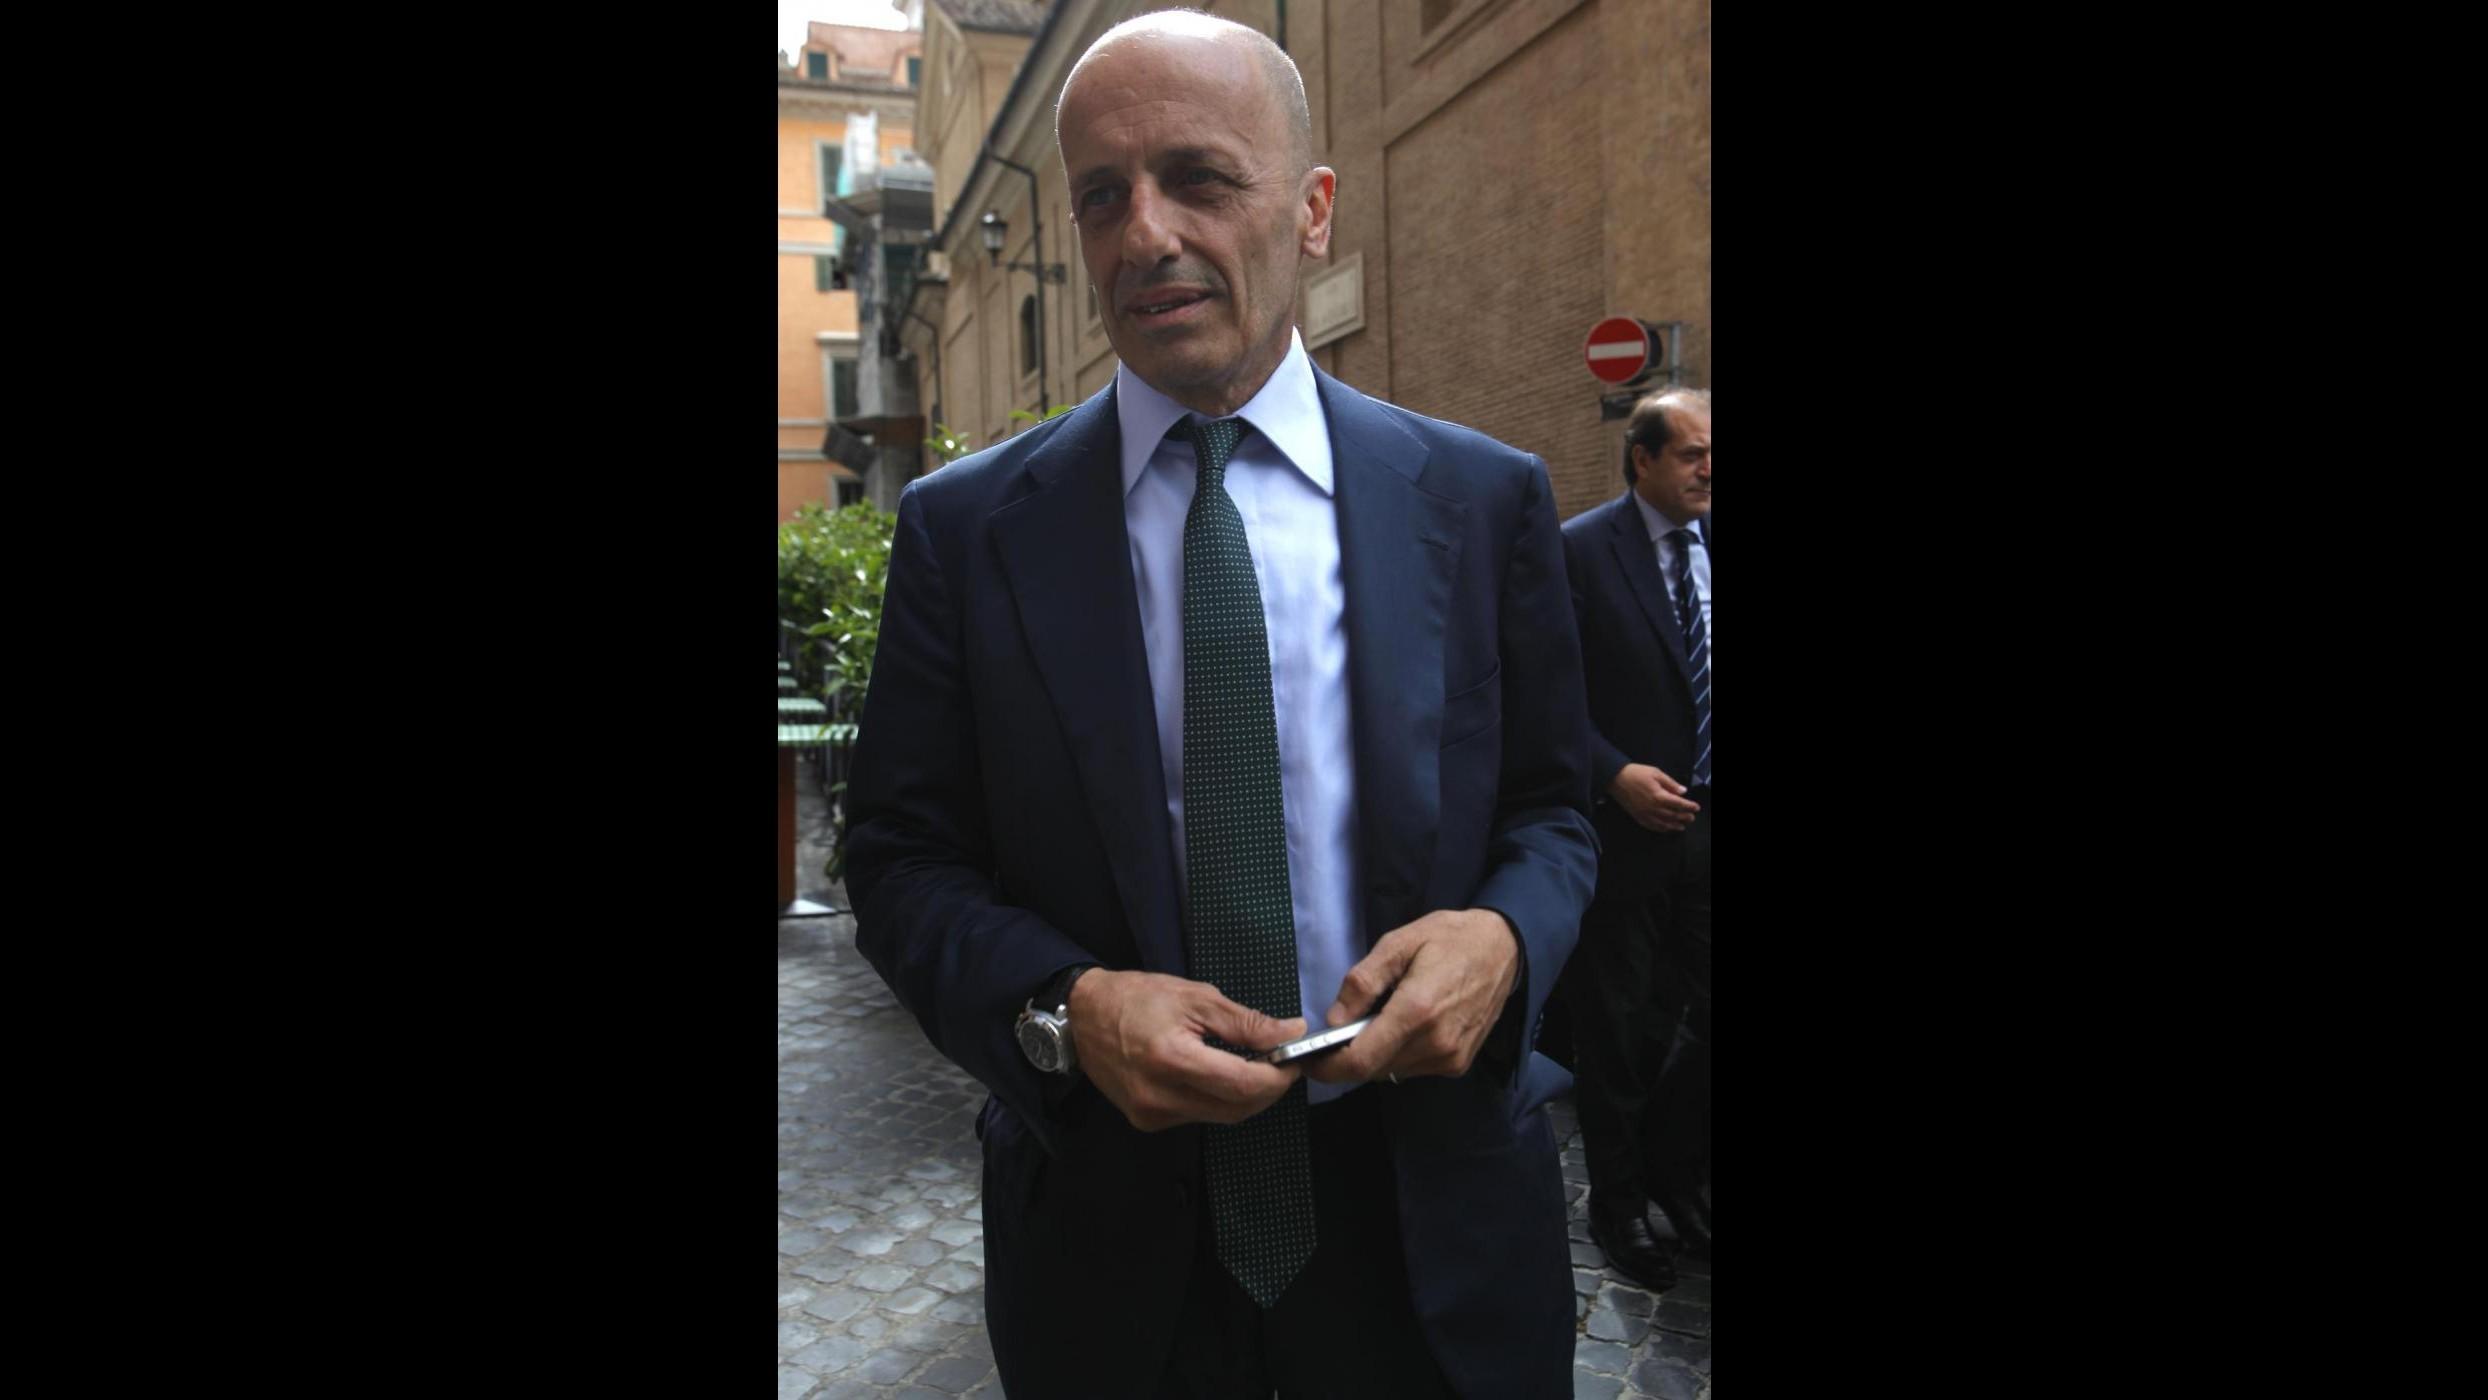 Sallusti, avvocato ritira richesta rinvio: processo in Cassazione